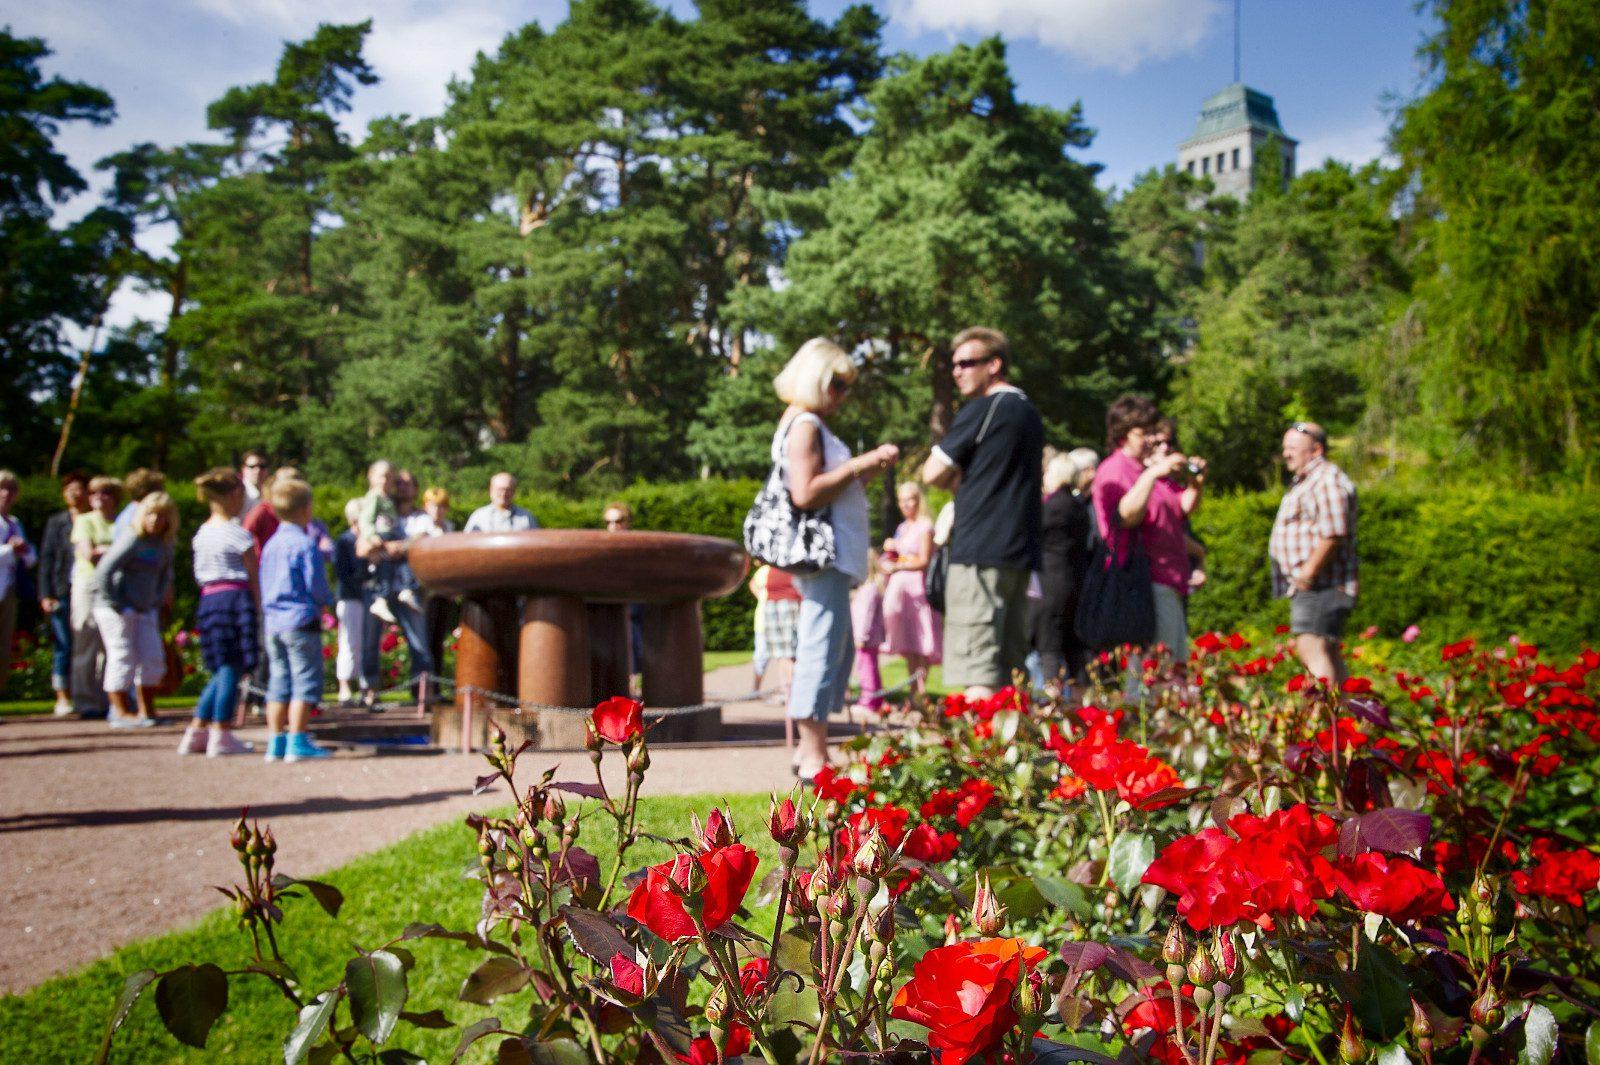 Punaisia kukkia Kultarannan puutarhassa, taustalla ihmisiä suihkulähteen ympärillä. Puita ja Kultarannan kivilinnan torni näkyvät takana.